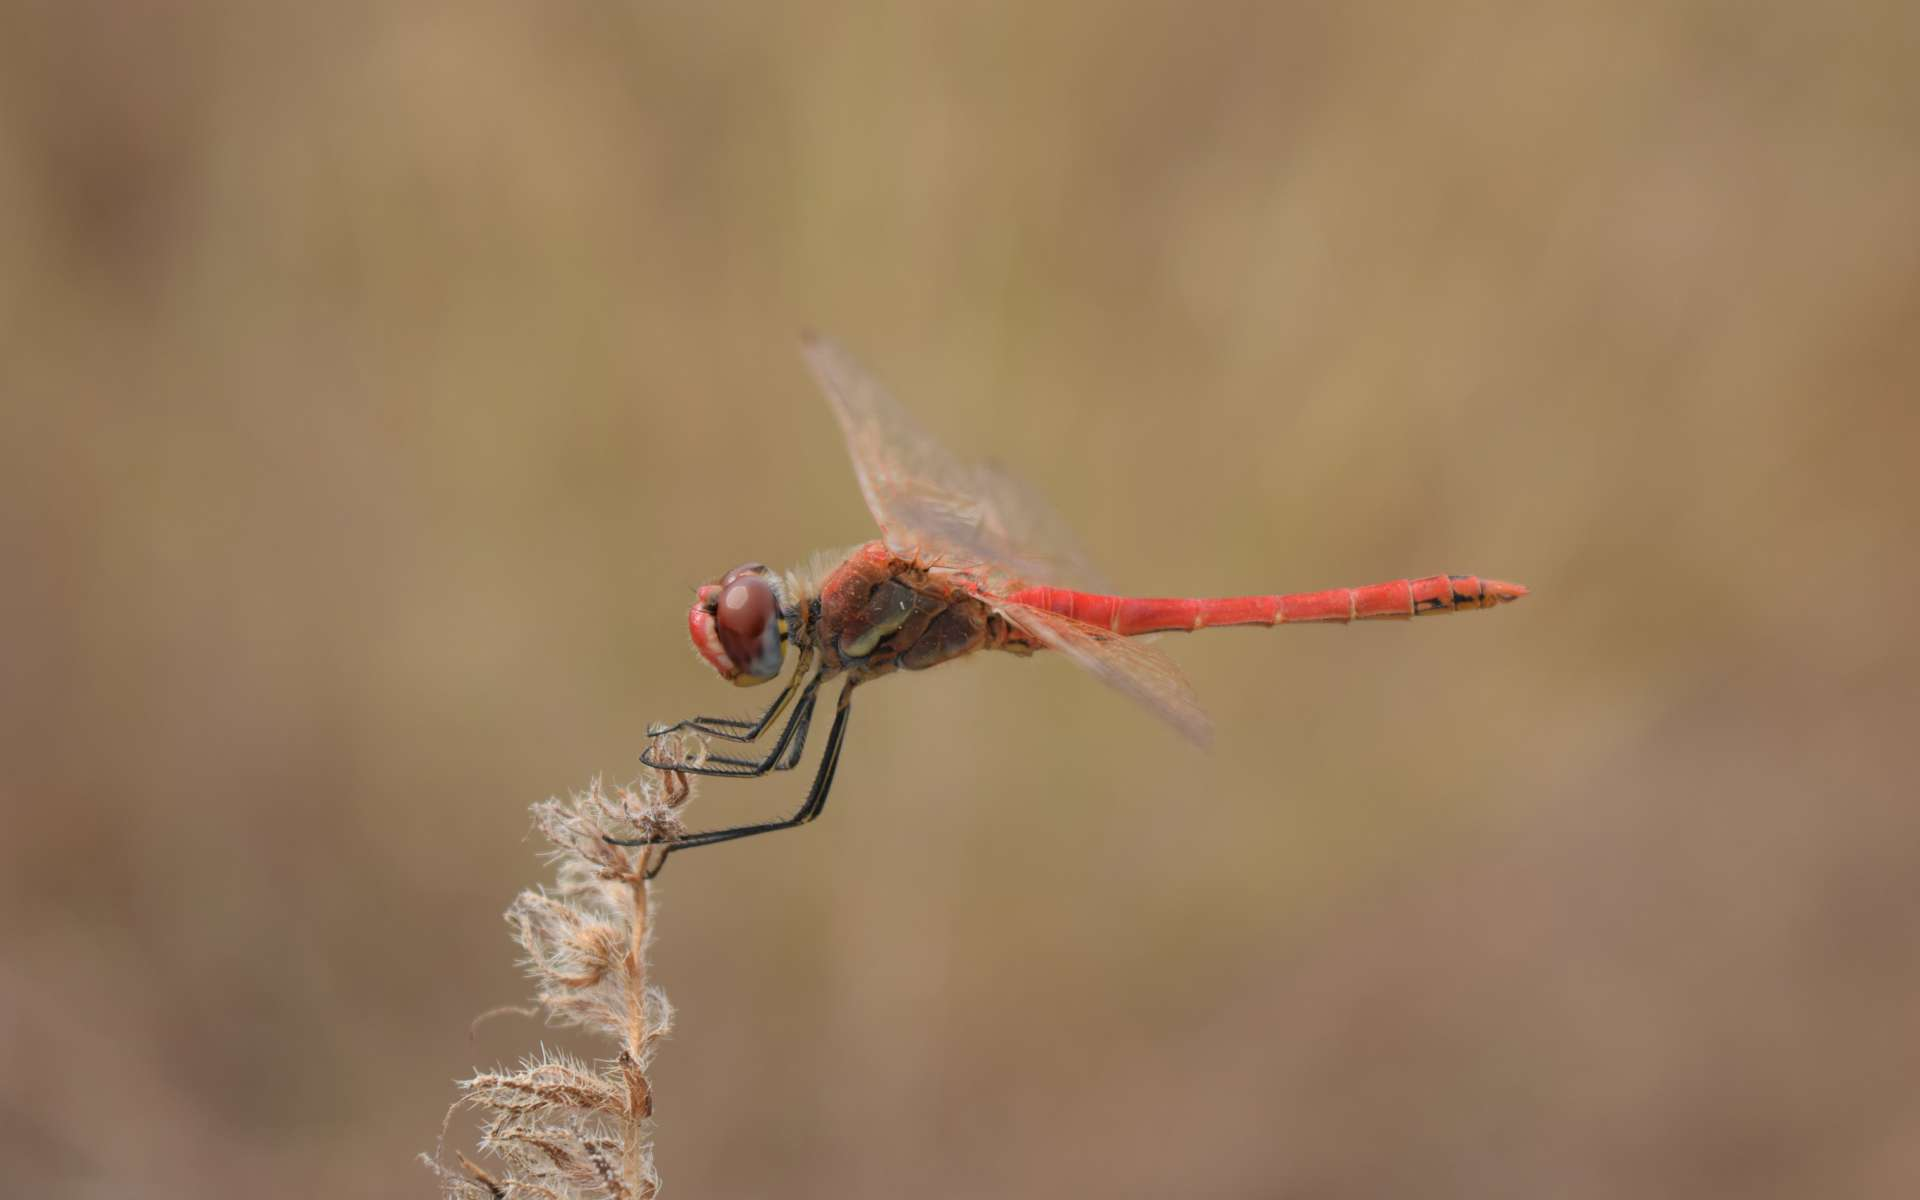 Sympetrum à nervures rouges - mâle (Crédits : Sabine Meneut)